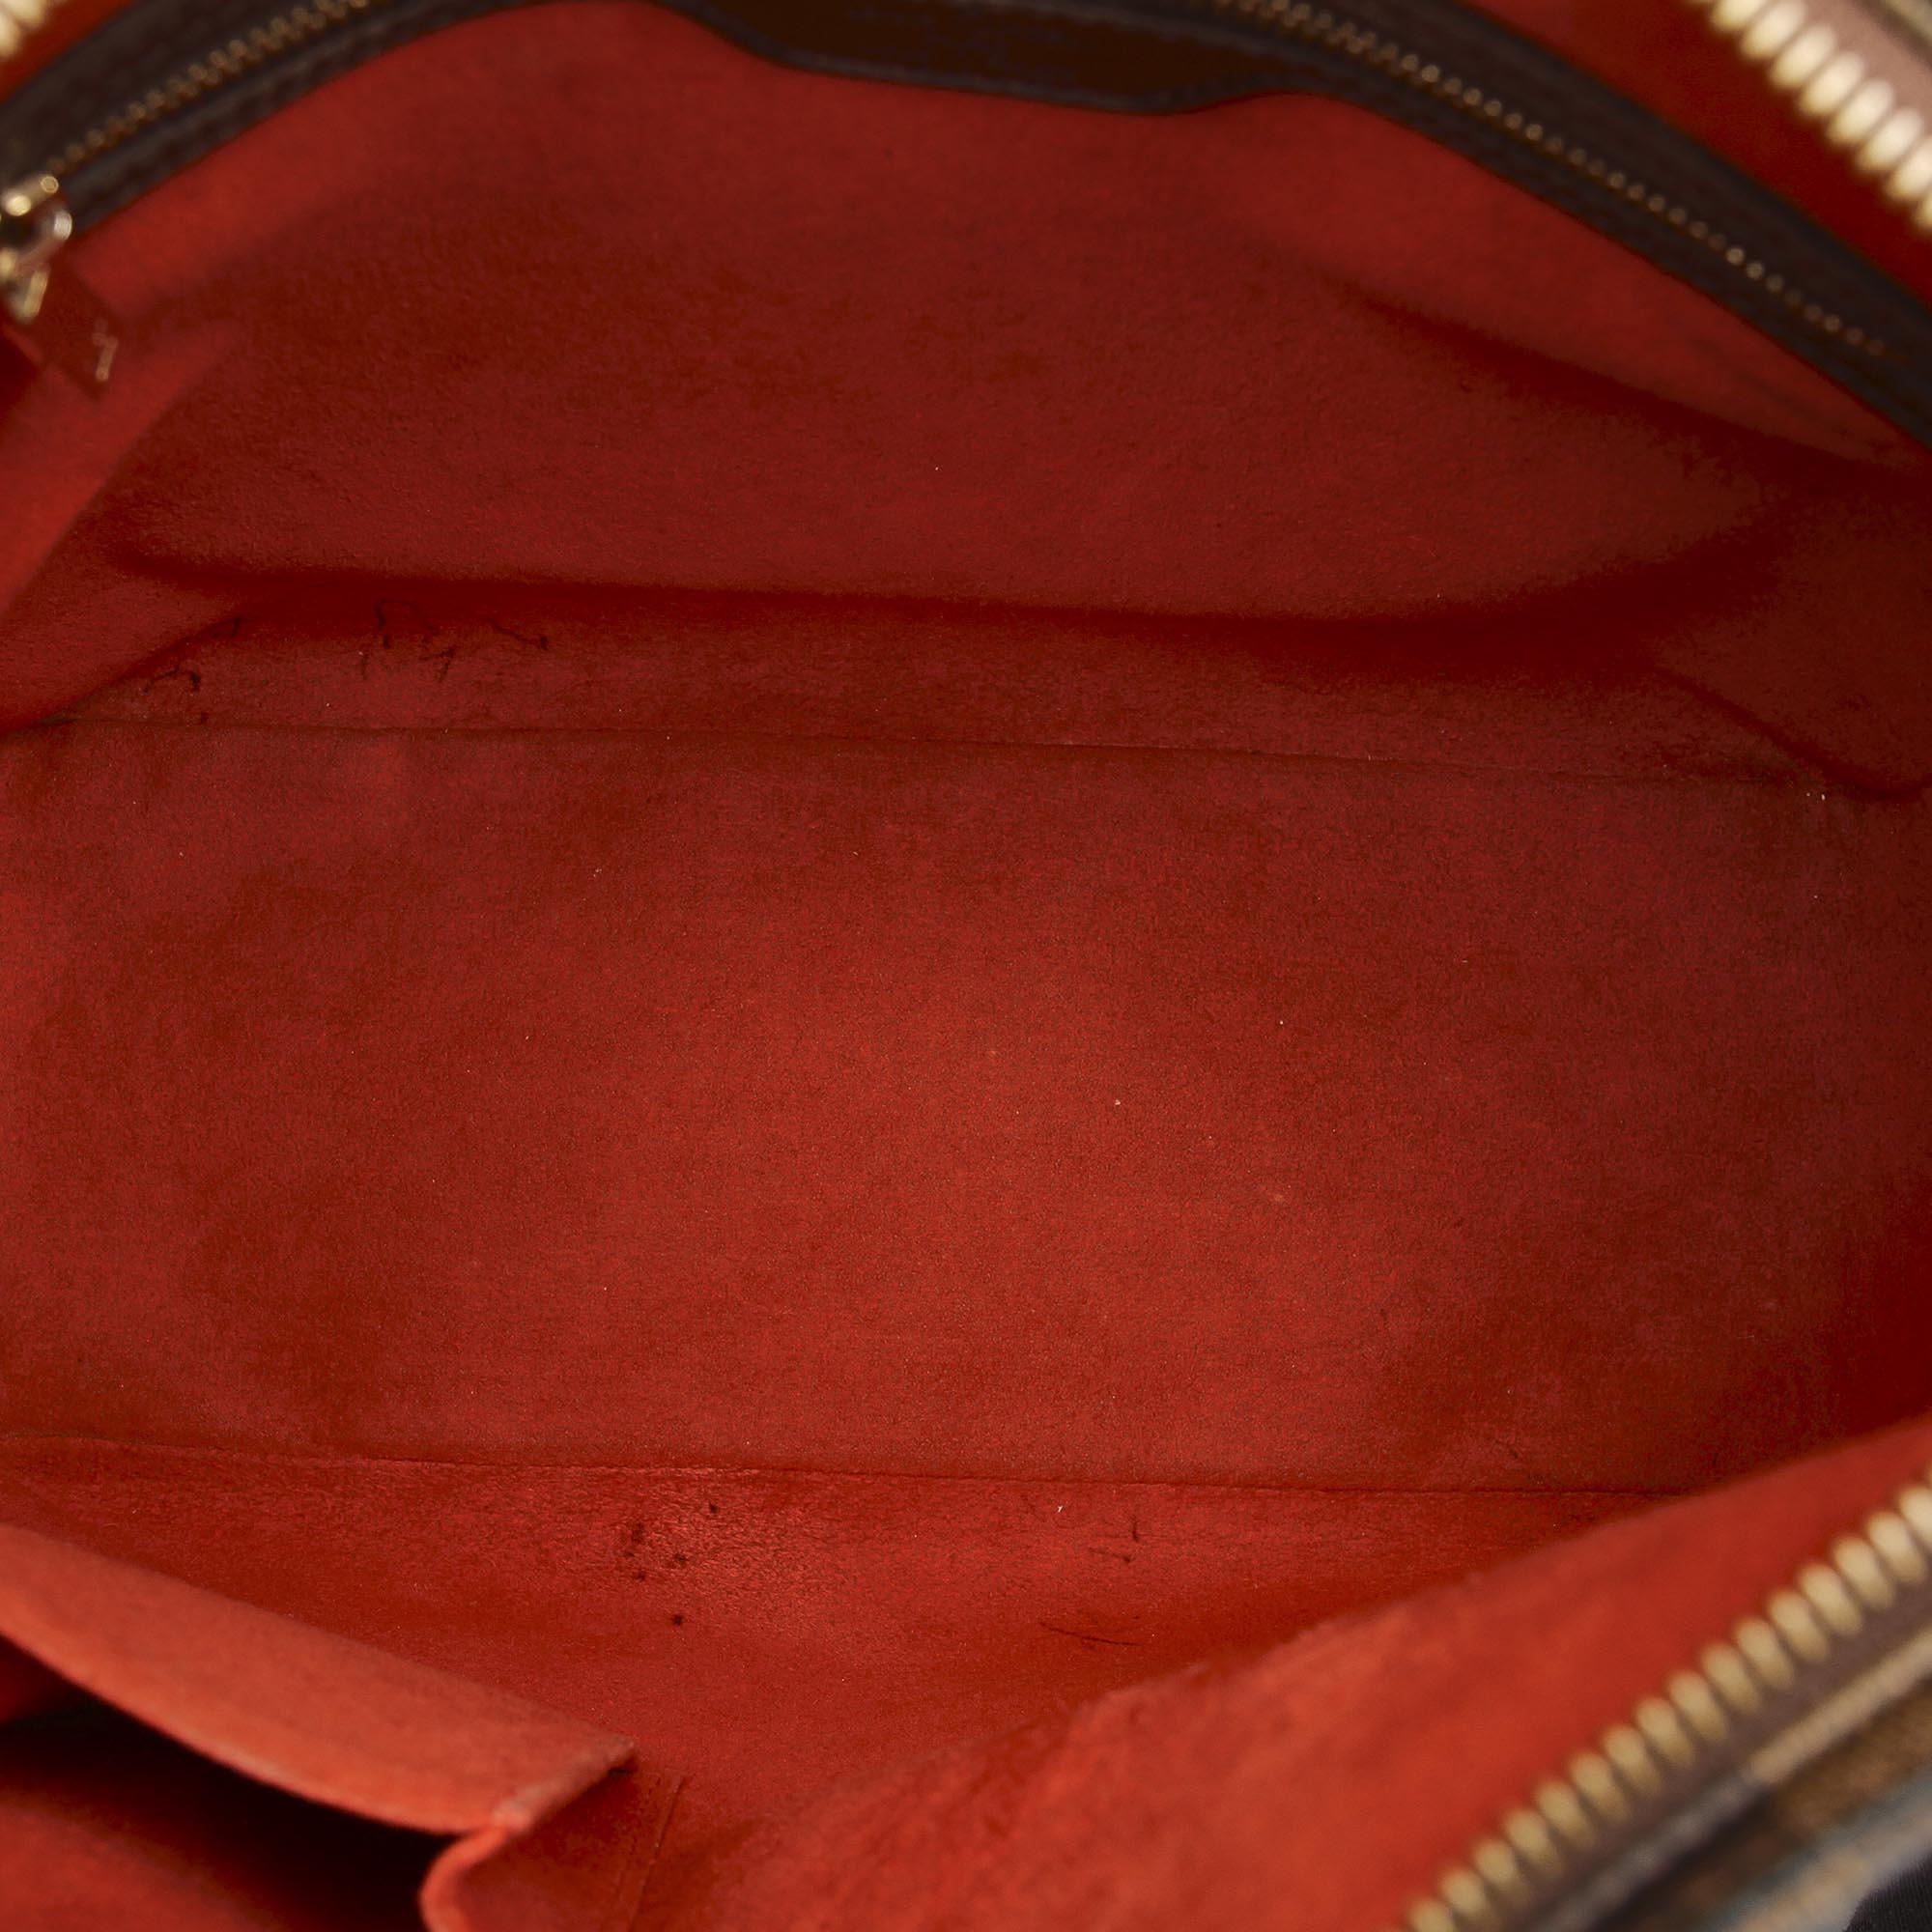 Louis Vuitton Damier Ebene Looping GM